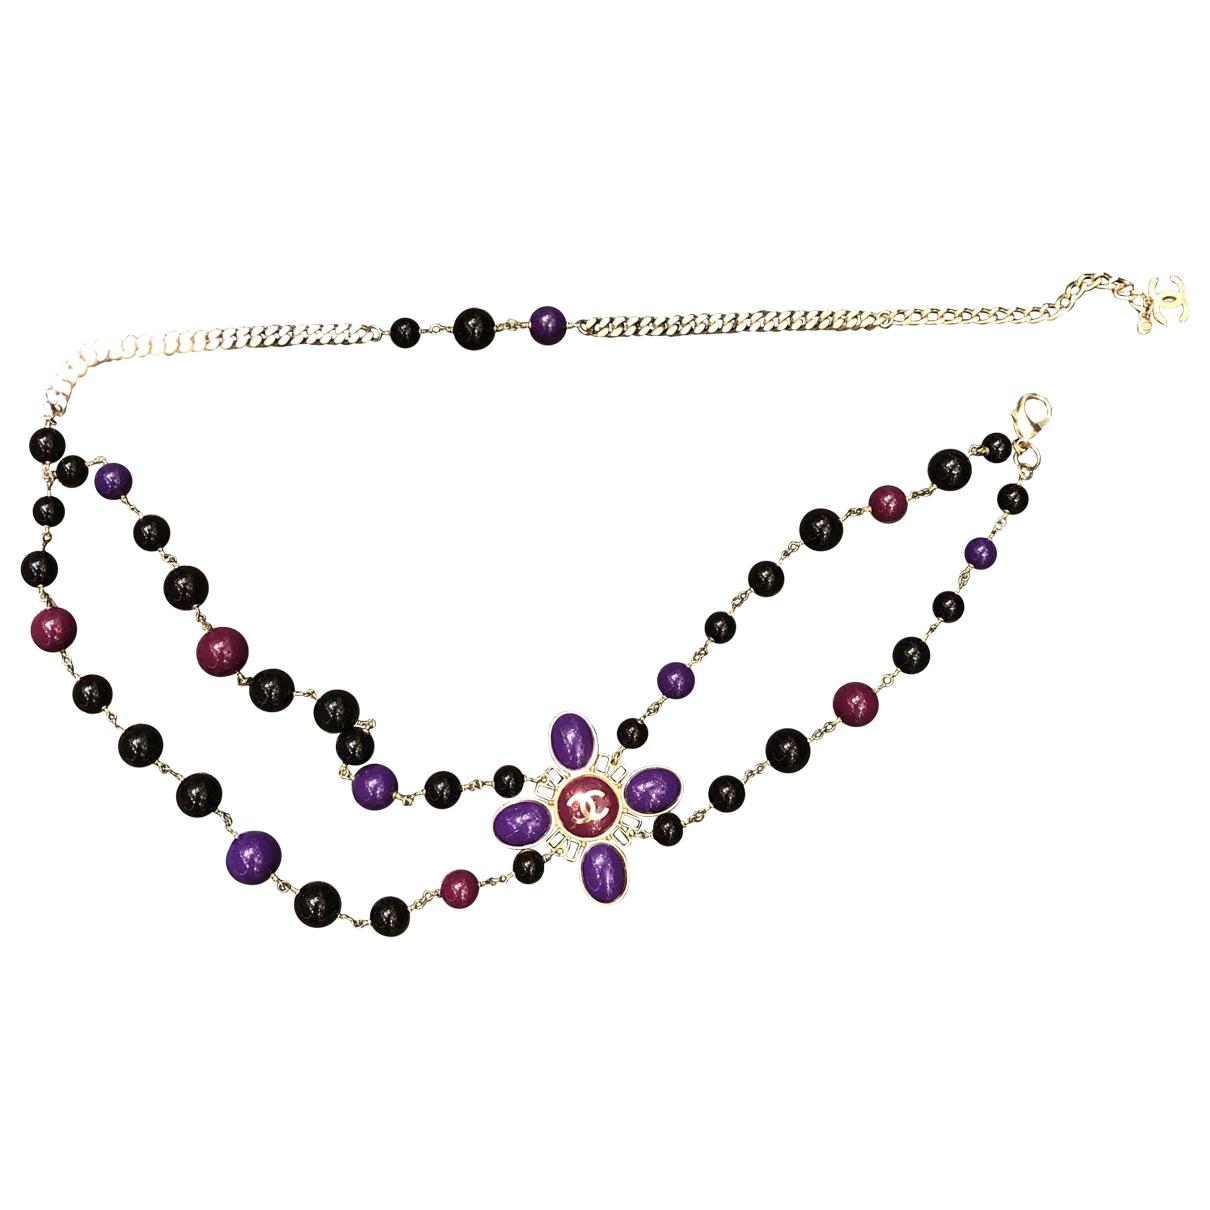 Chanel \N Purple Chain belt for Women M International